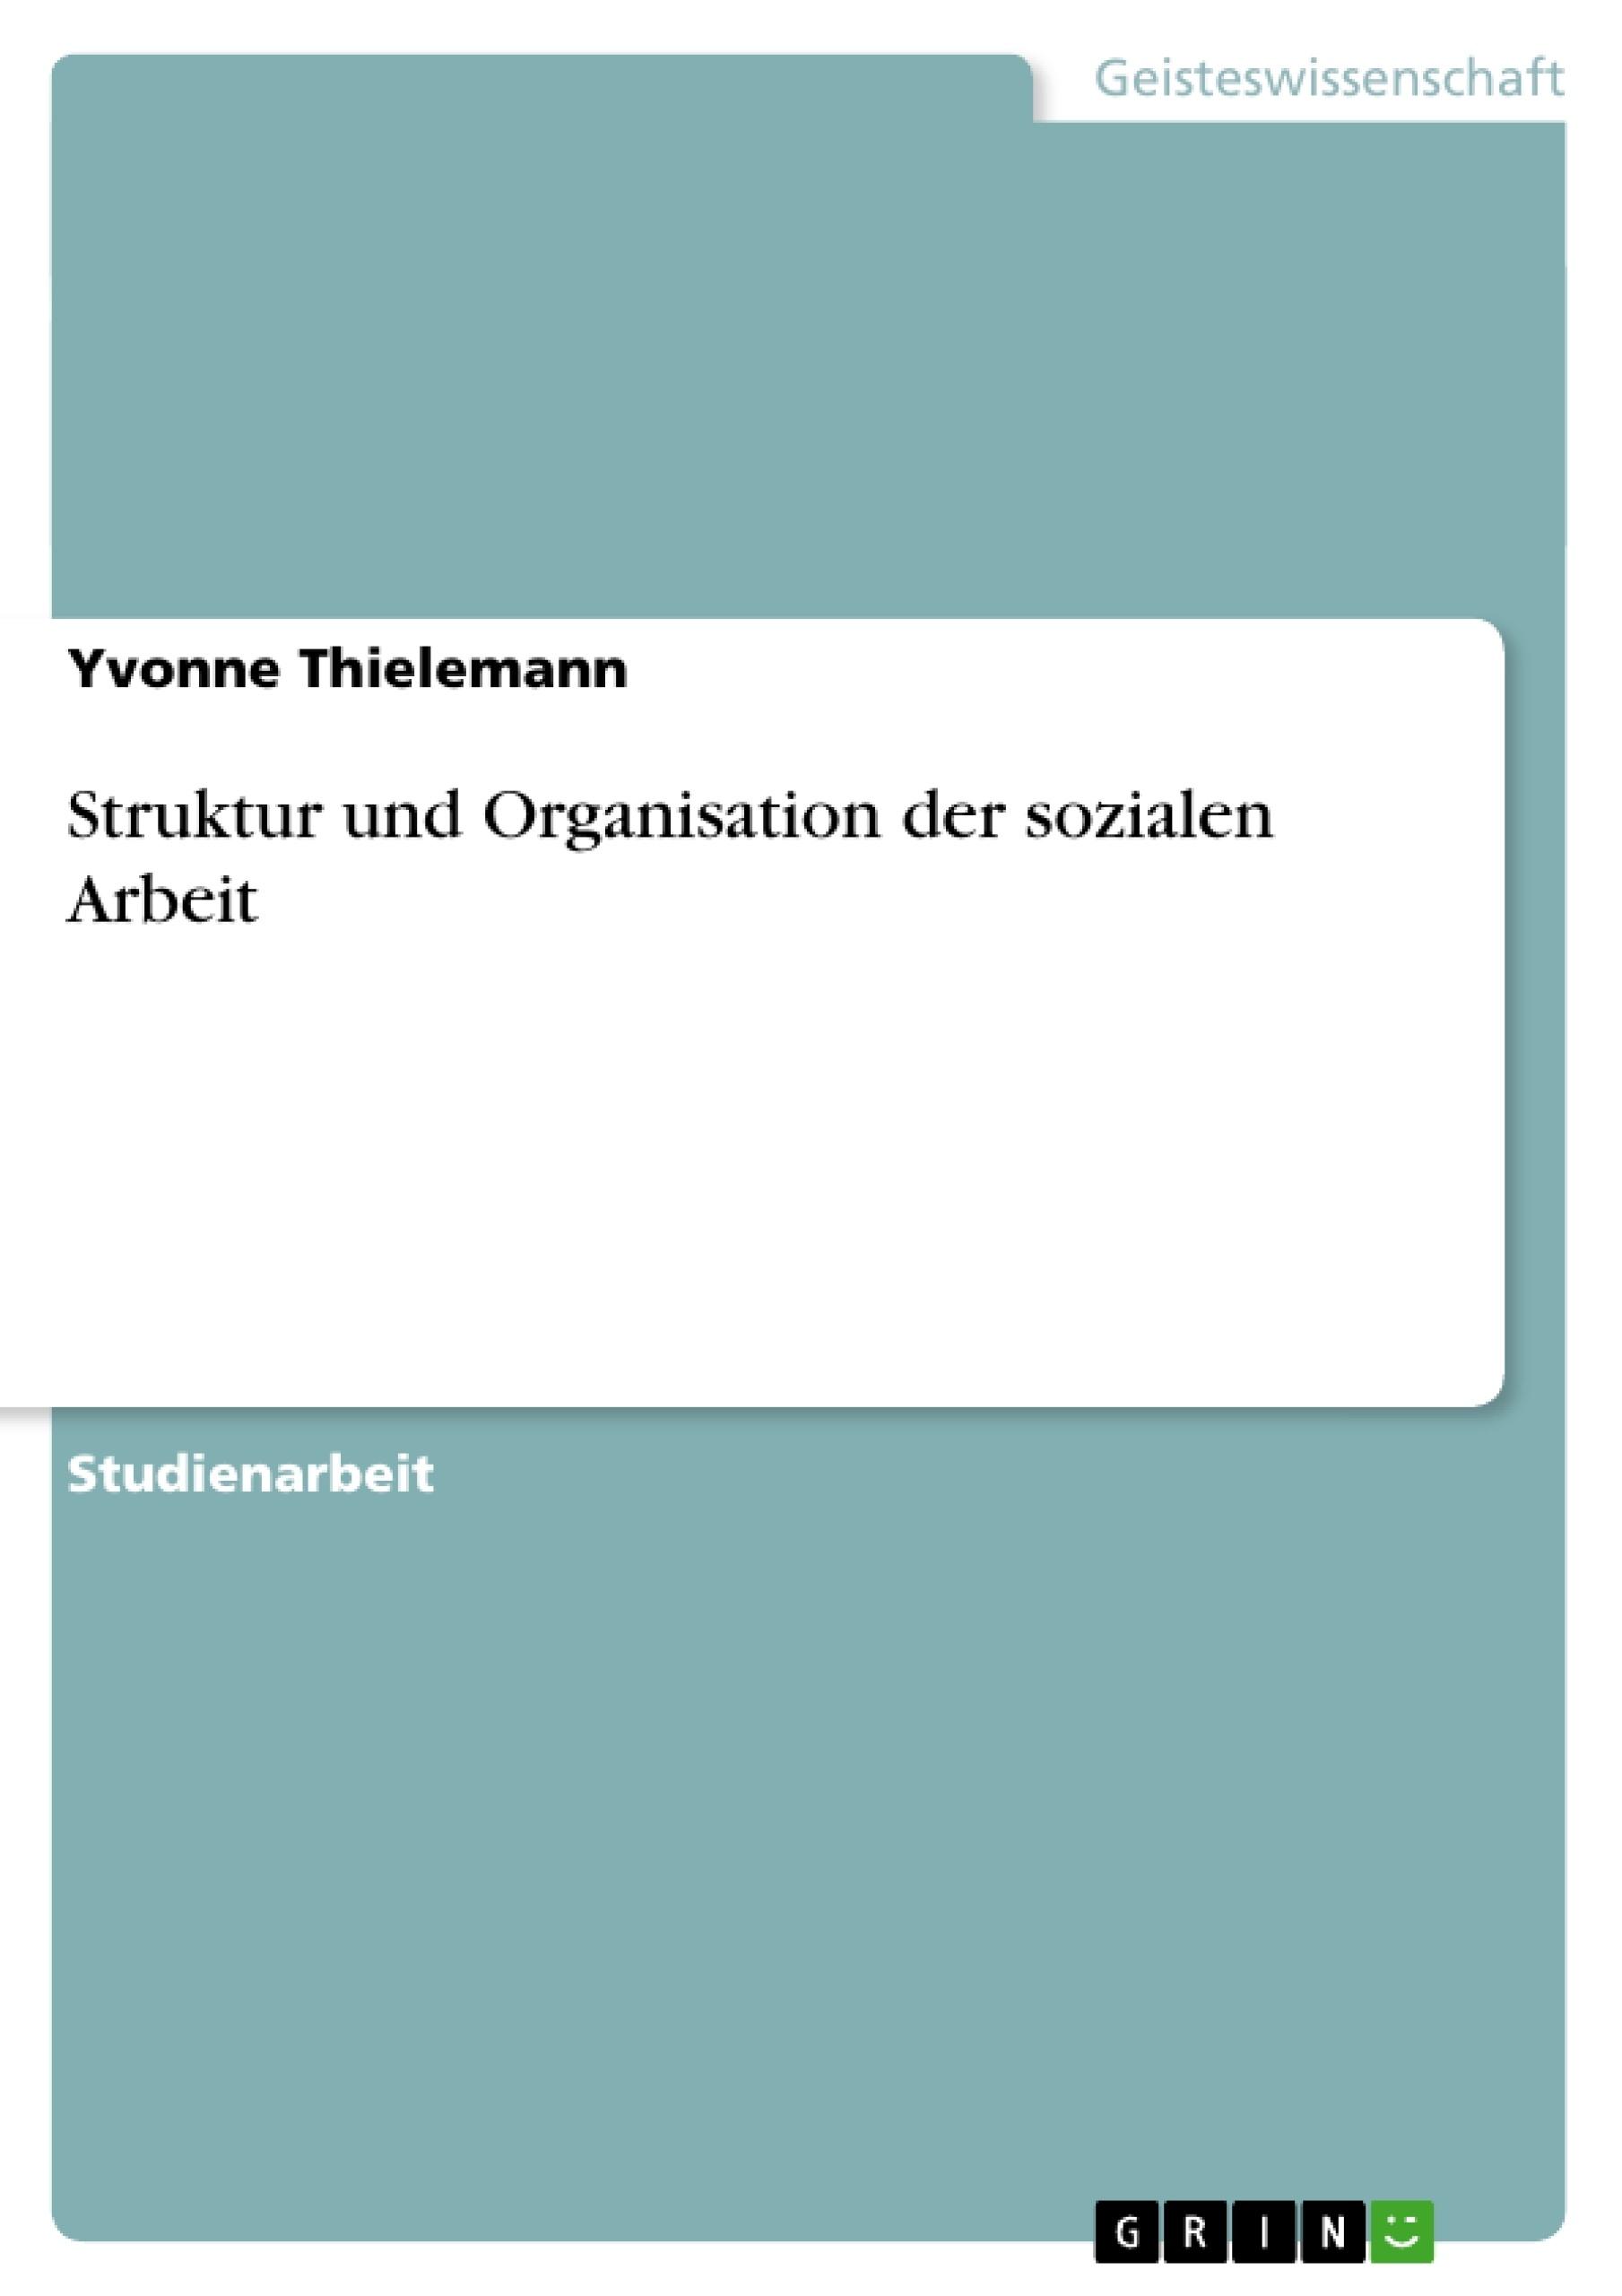 Titel: Struktur und Organisation der sozialen Arbeit